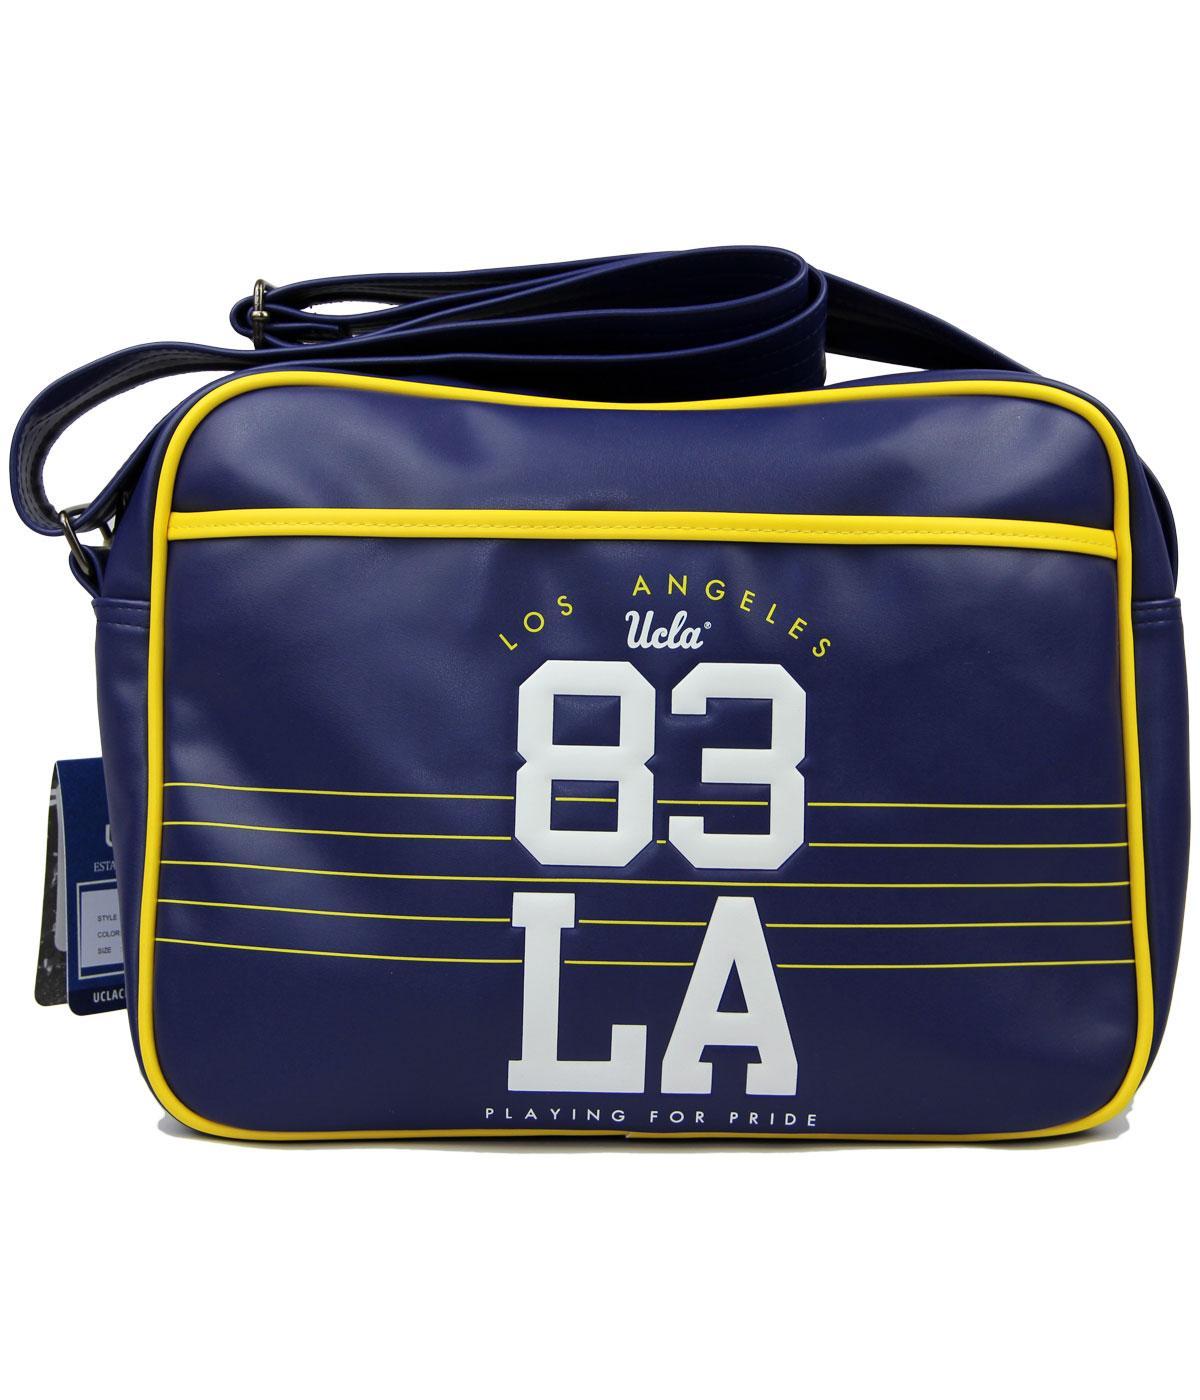 Trevor UCLA Retro 80s Indie Varsity Shoulder Bag B